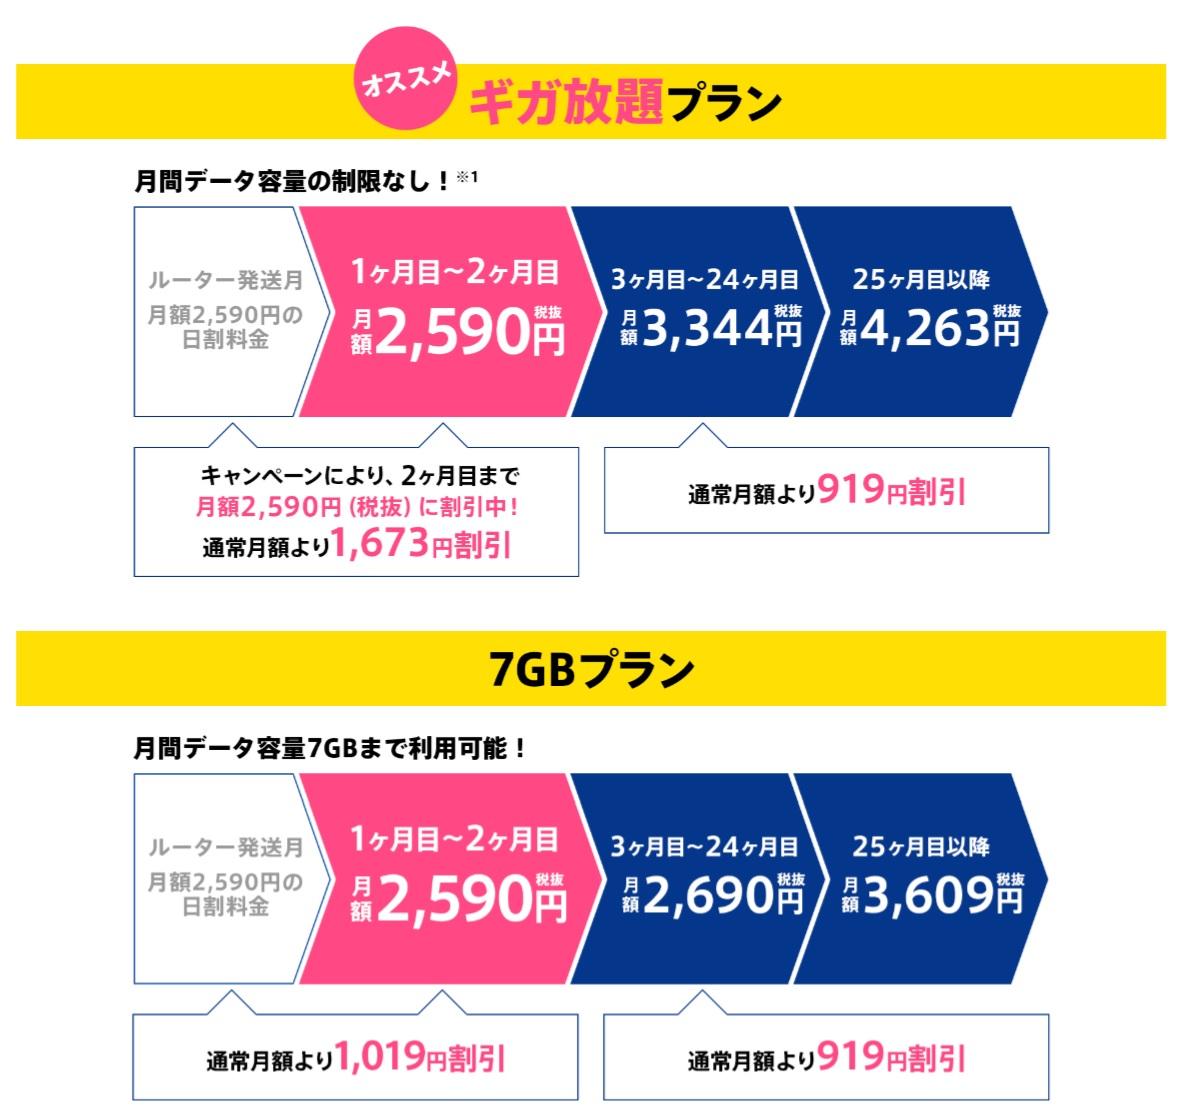 GMOとくとくBB料金 - 割引キャンペーン実施中 - gmobb.jp